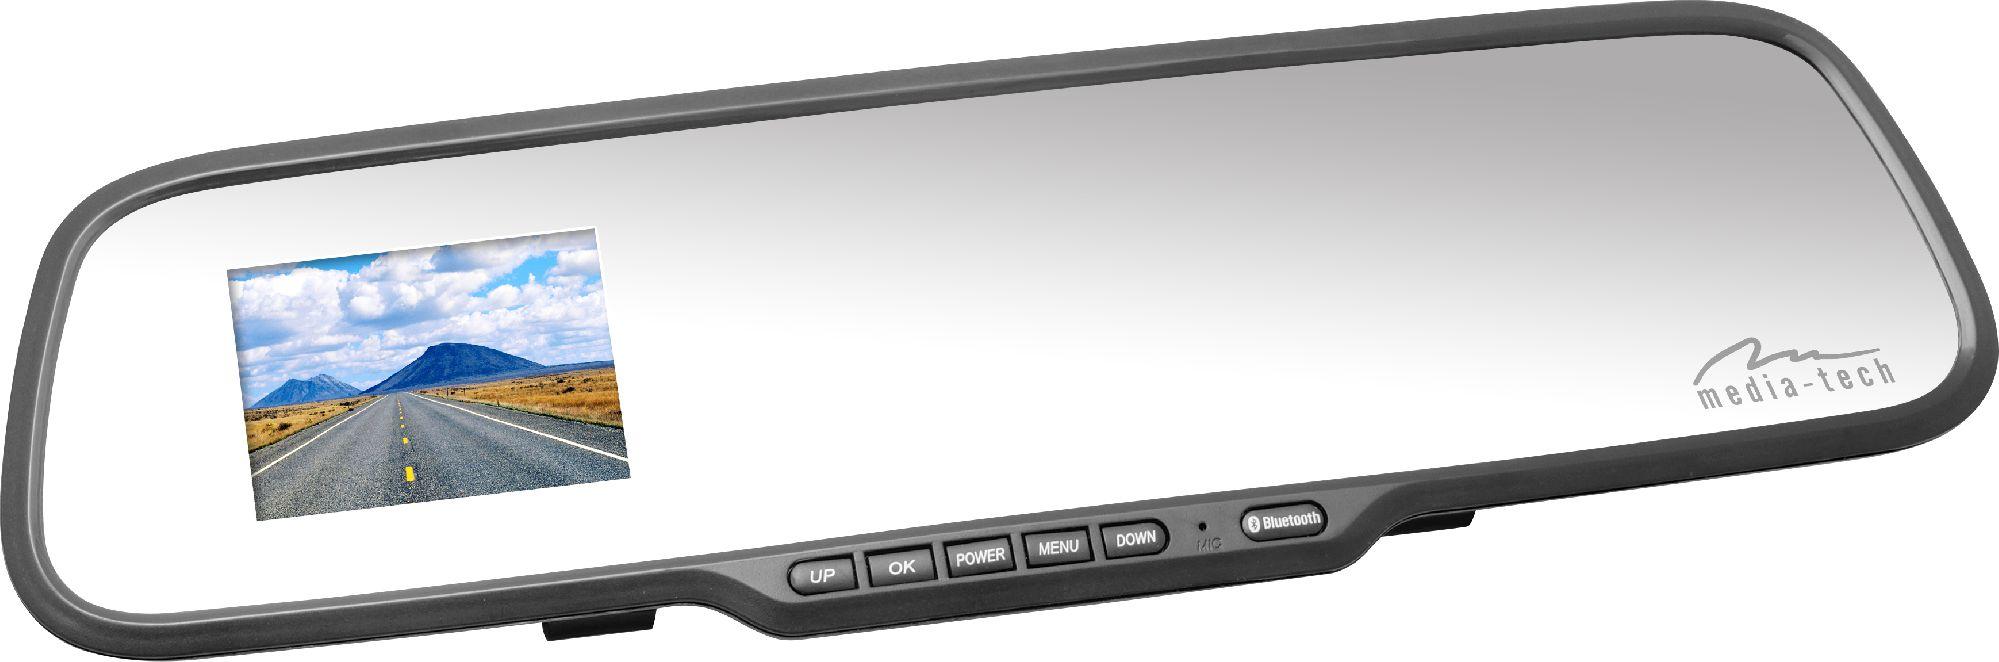 Kamera samochodowa Media-Tech MT4046 U-DRIVE MIRROR FULL HD